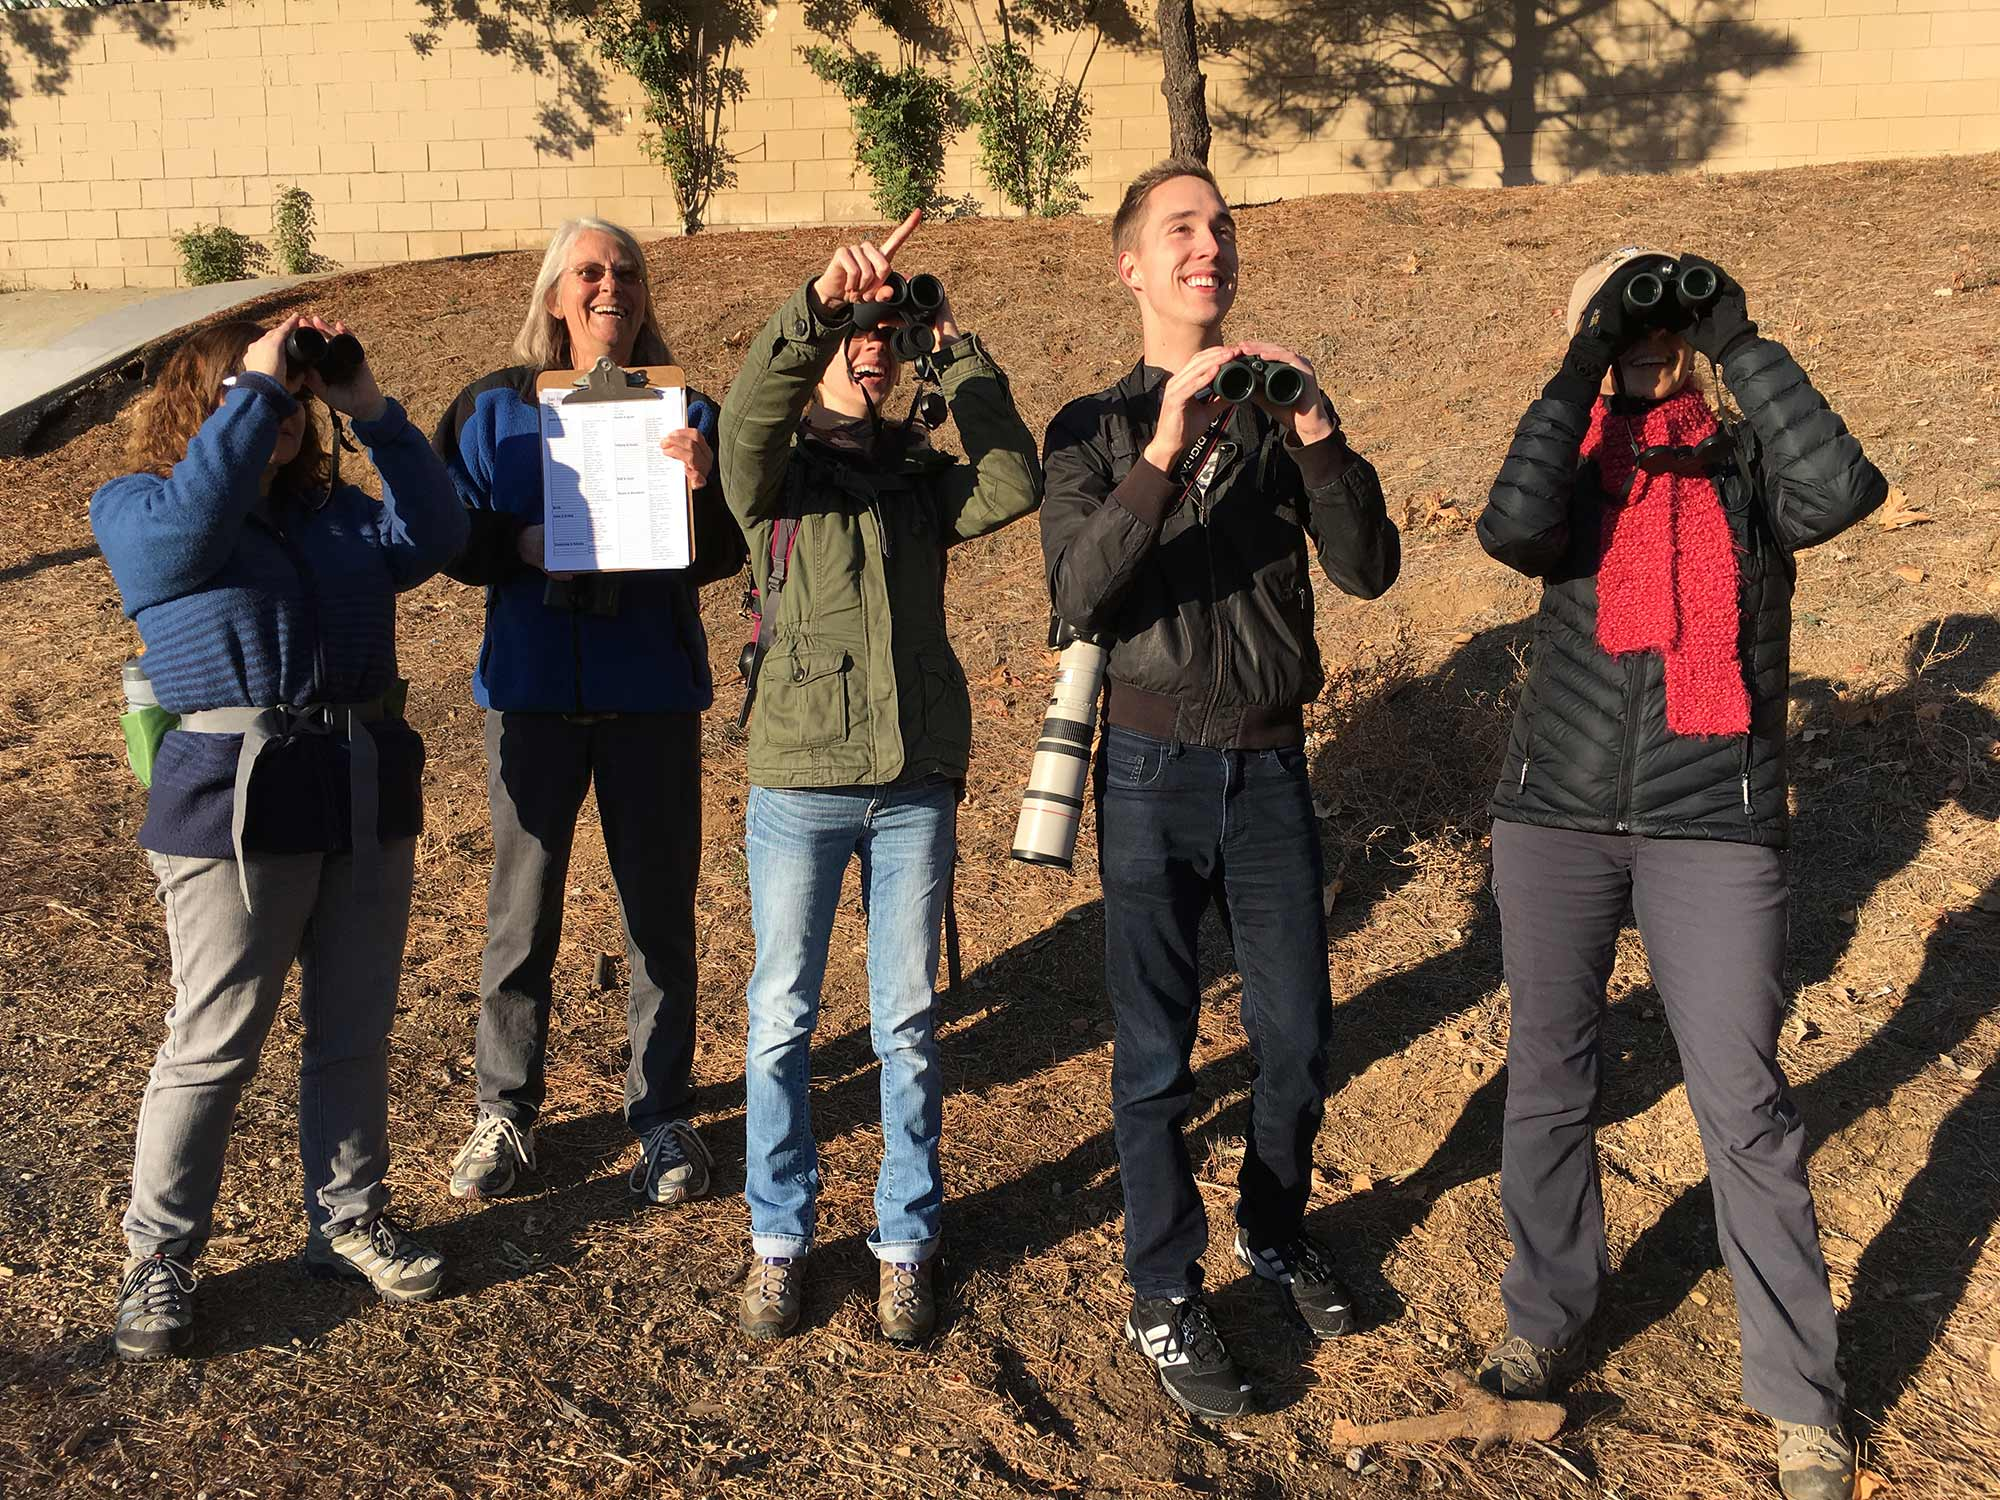 limekiln canyon christmas bird count group